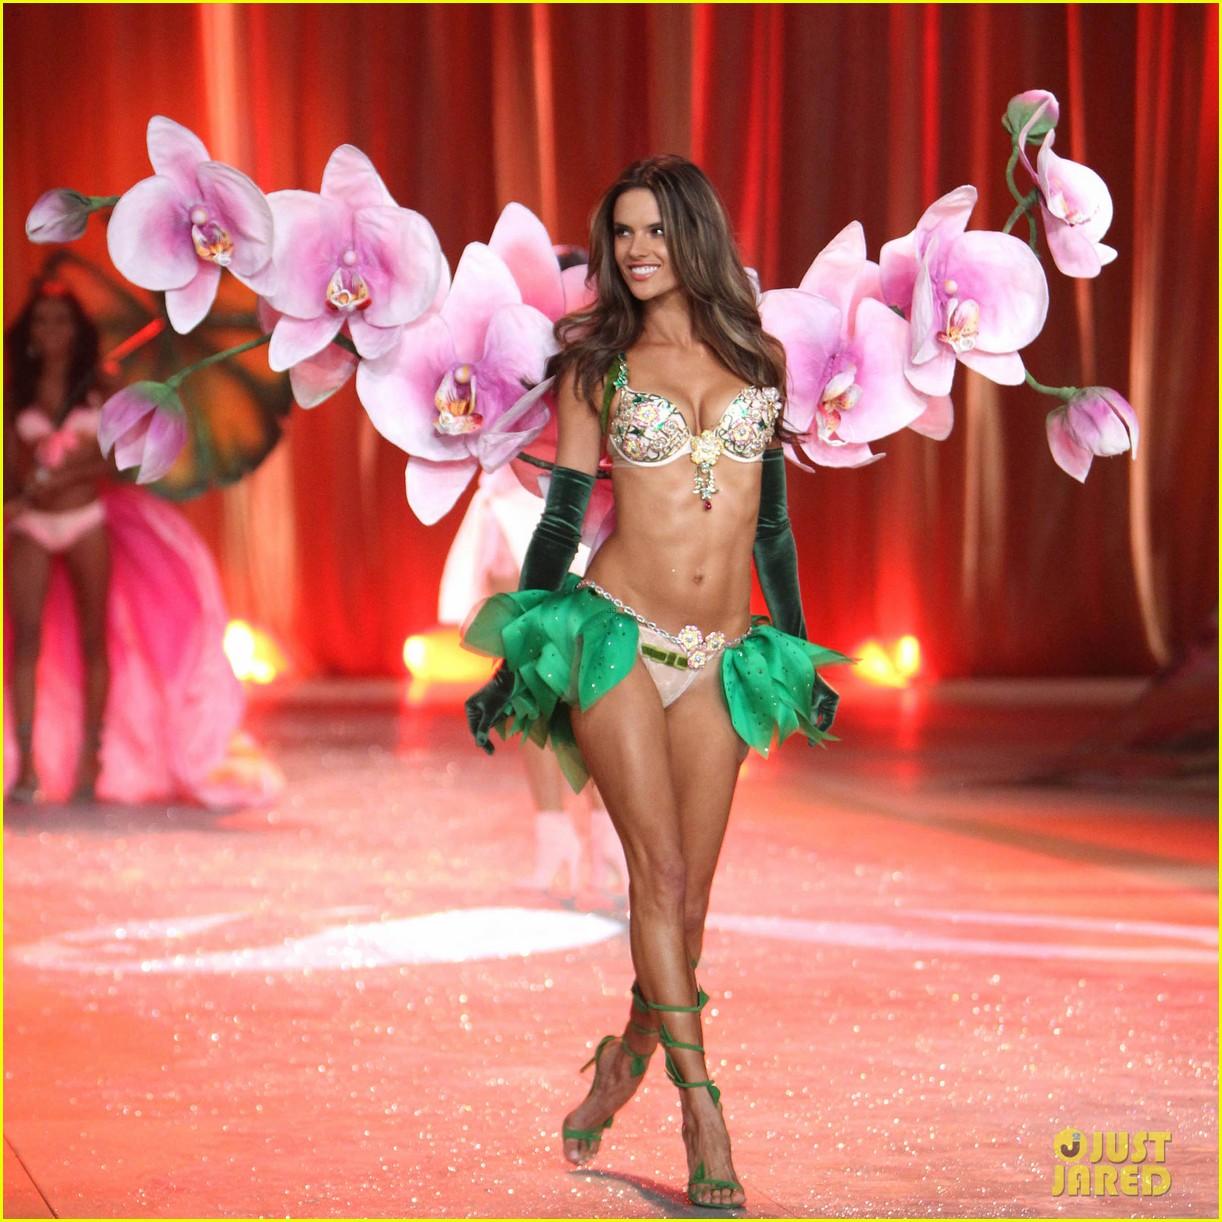 http://4.bp.blogspot.com/-PytXvdUQF7Q/UL_u75d5mII/AAAAAAAADik/Da67zR29d3Q/s1600/adriana-lima-alessandra-ambrosio-victorias-secret-fashion-show-2012-05.jpg